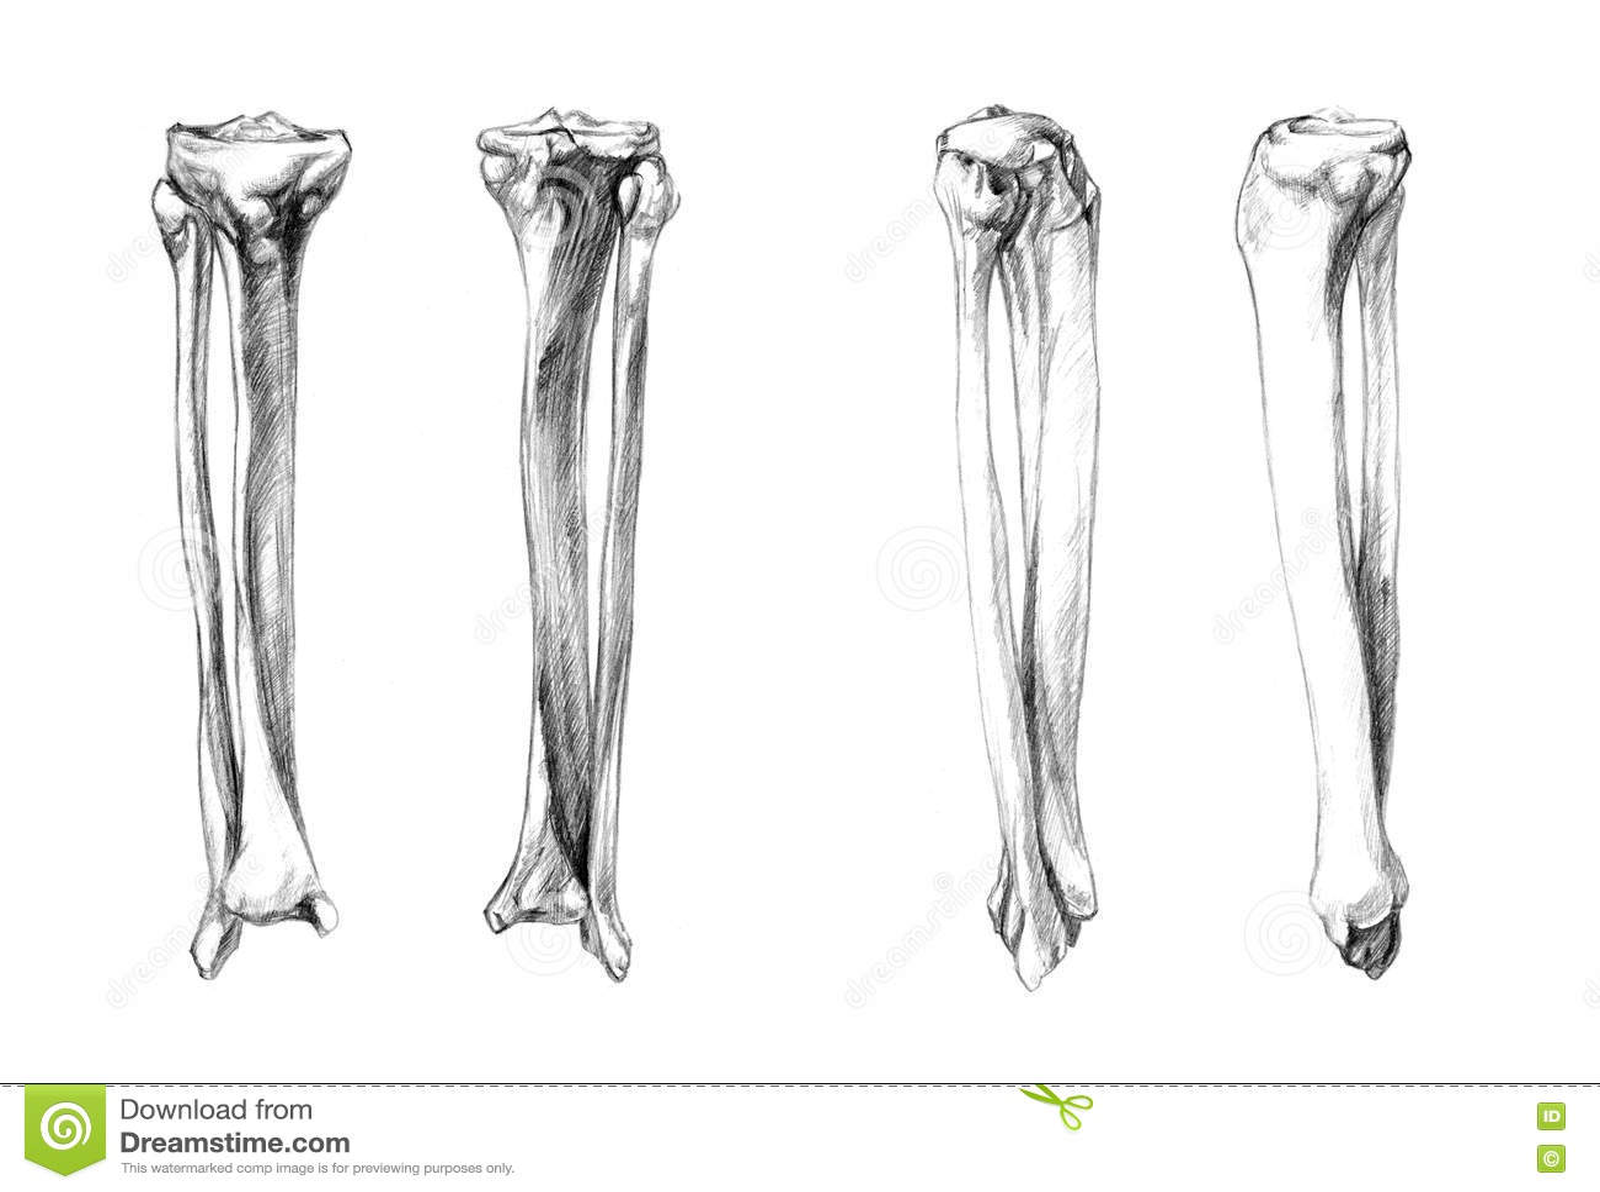 tibia fibula bone diagram